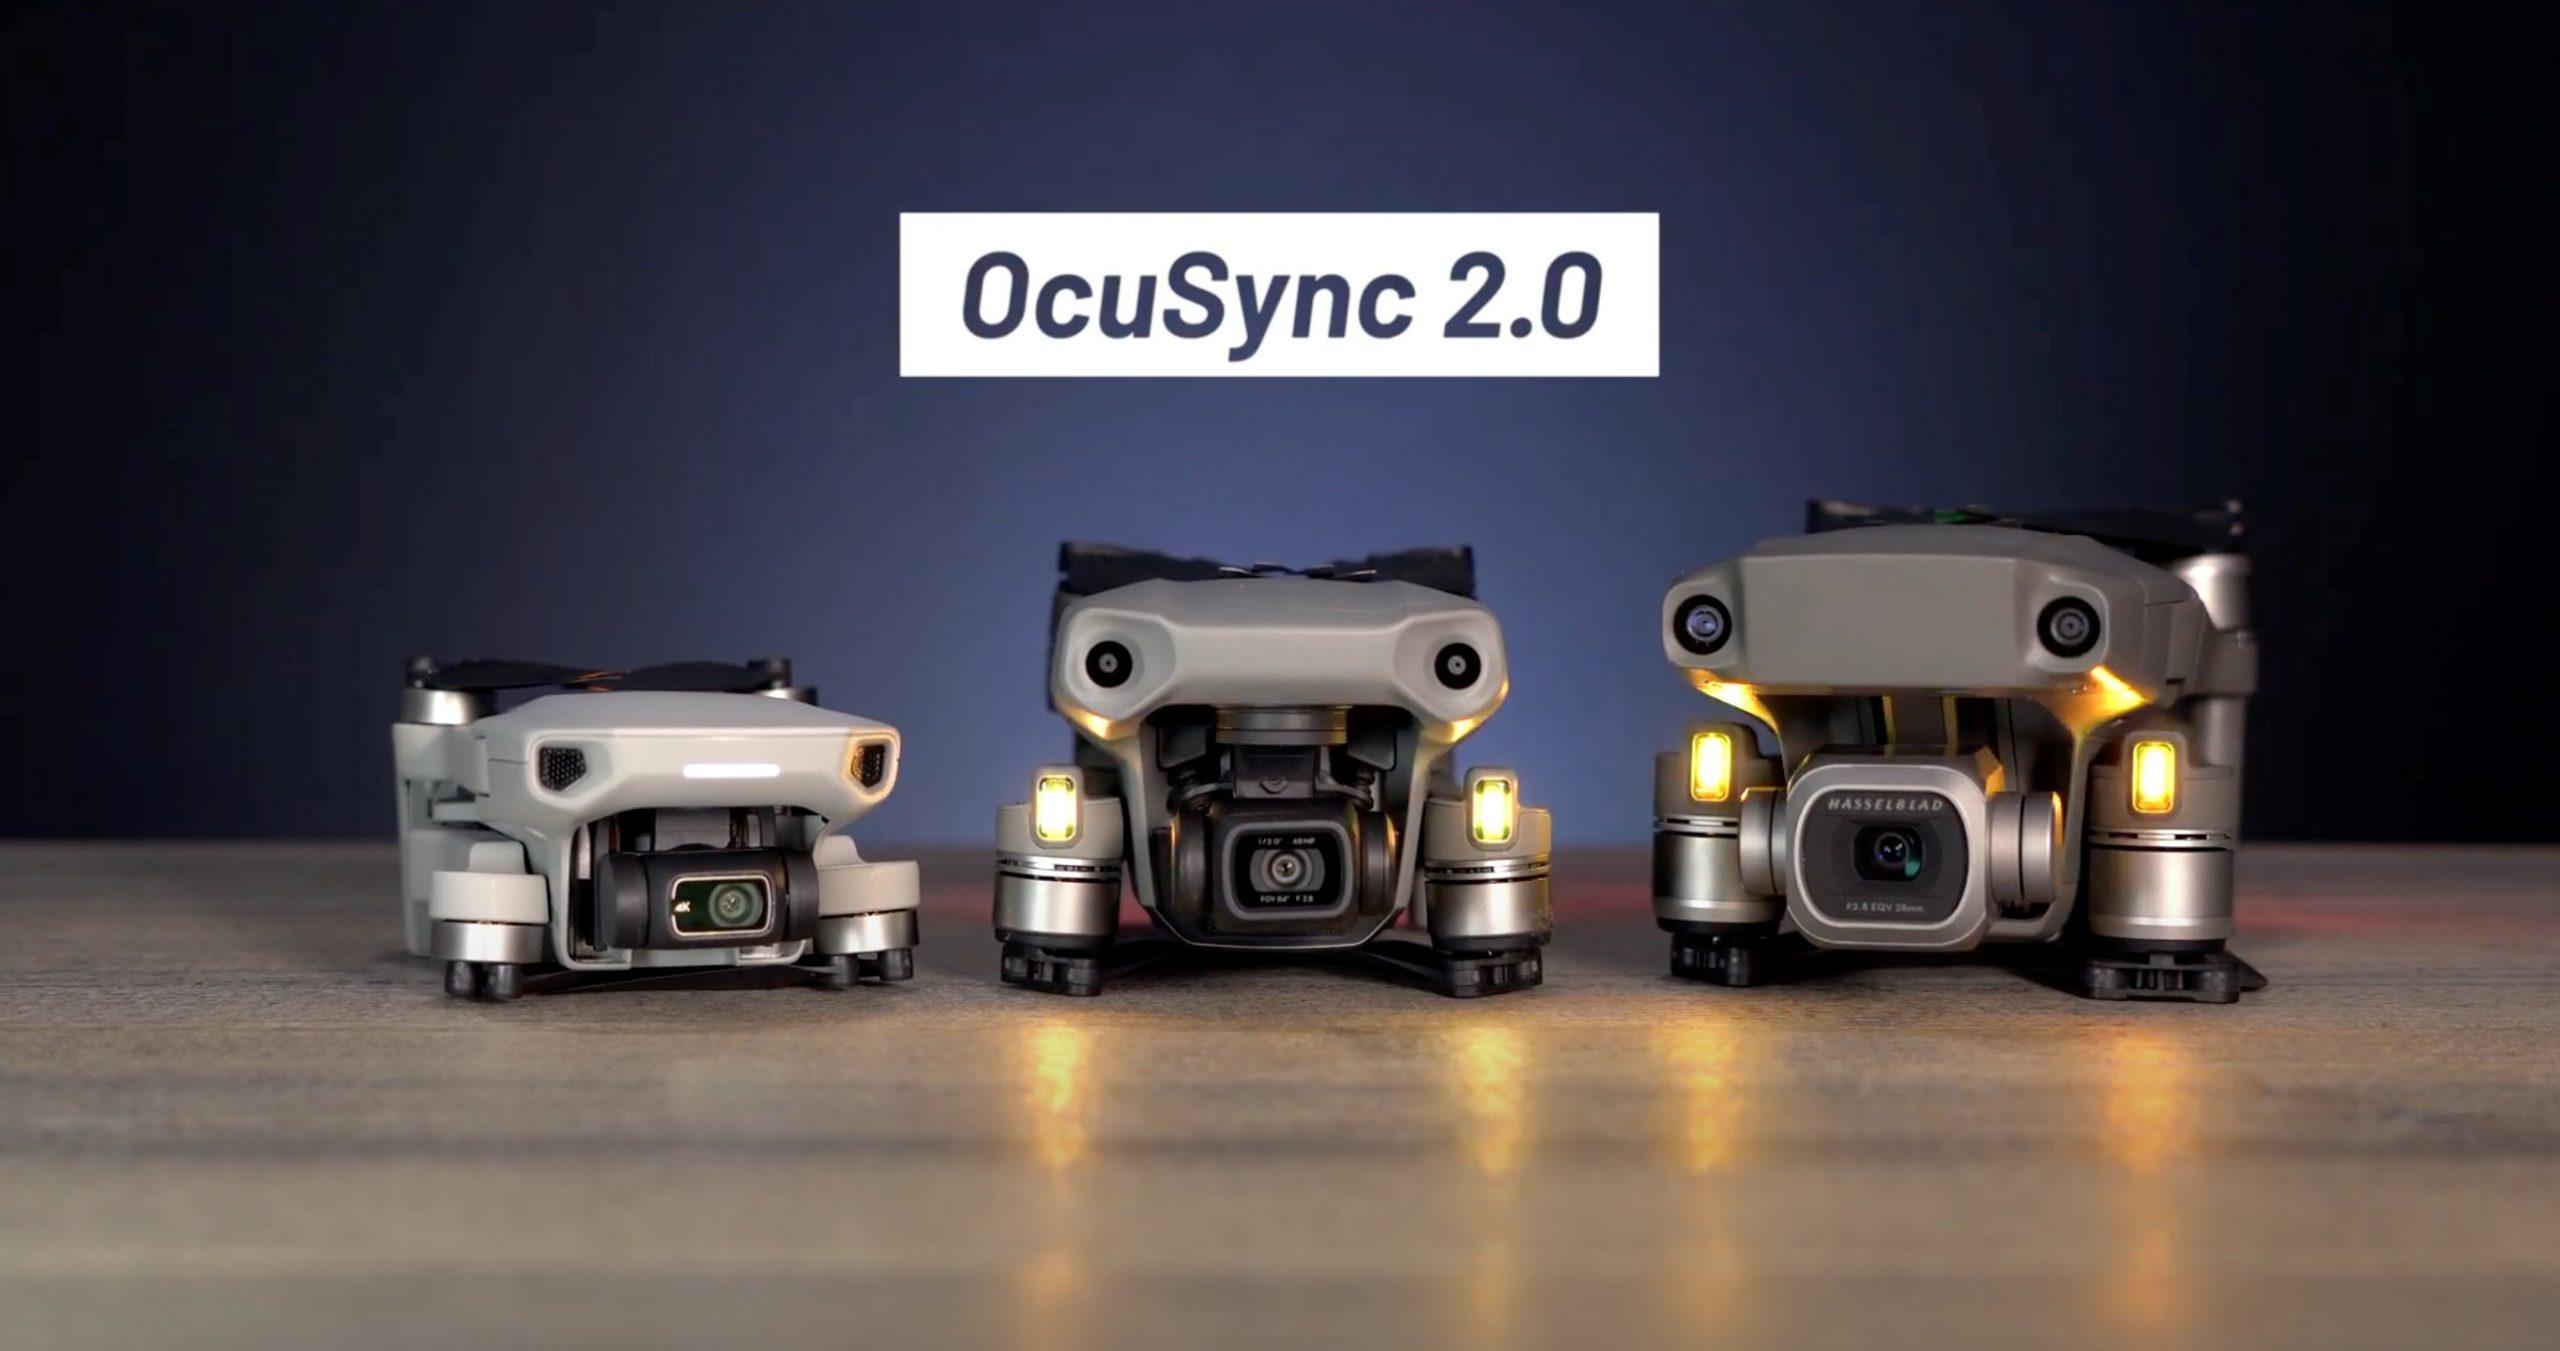 DJI Mini 2 OcuSync 2.0